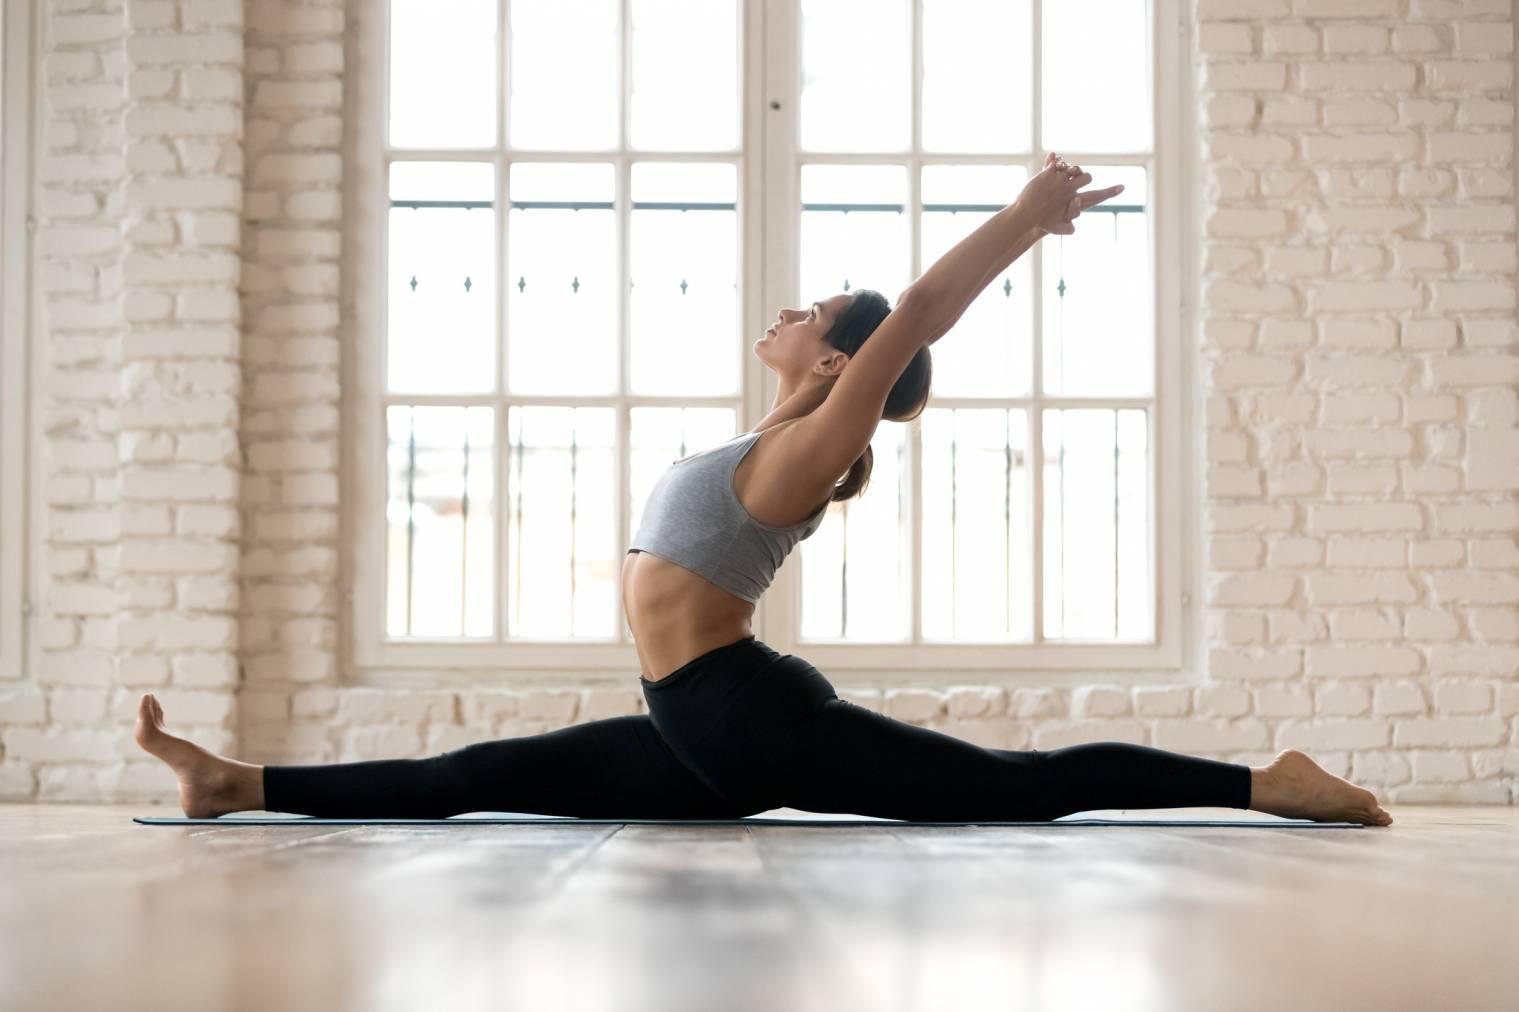 Réussir à faire le grand écart latéral : exercices et astuces